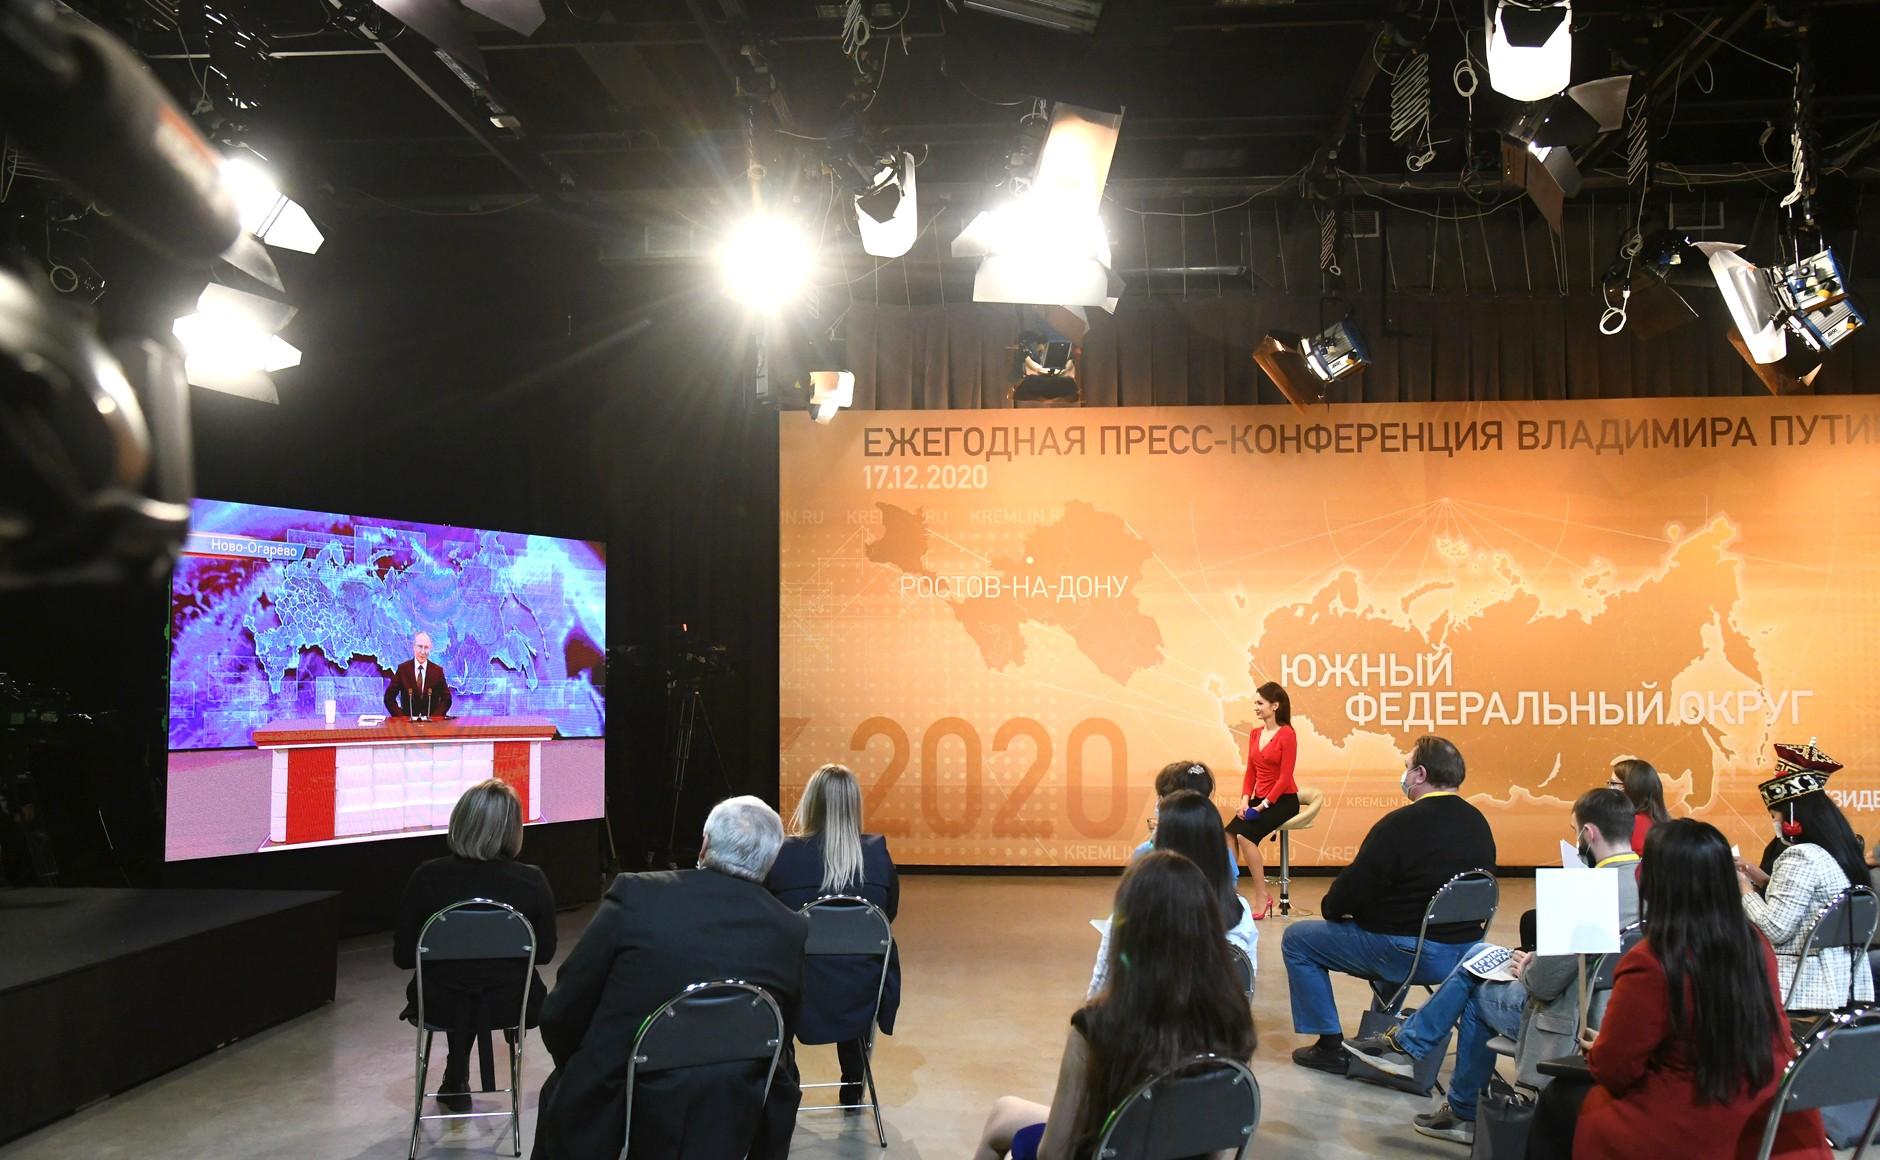 RUSSIE 17.12.2020.CONFERENCE 46 XX 66 Avant le début de la conférence de presse annuelle de Vladimir Poutine.